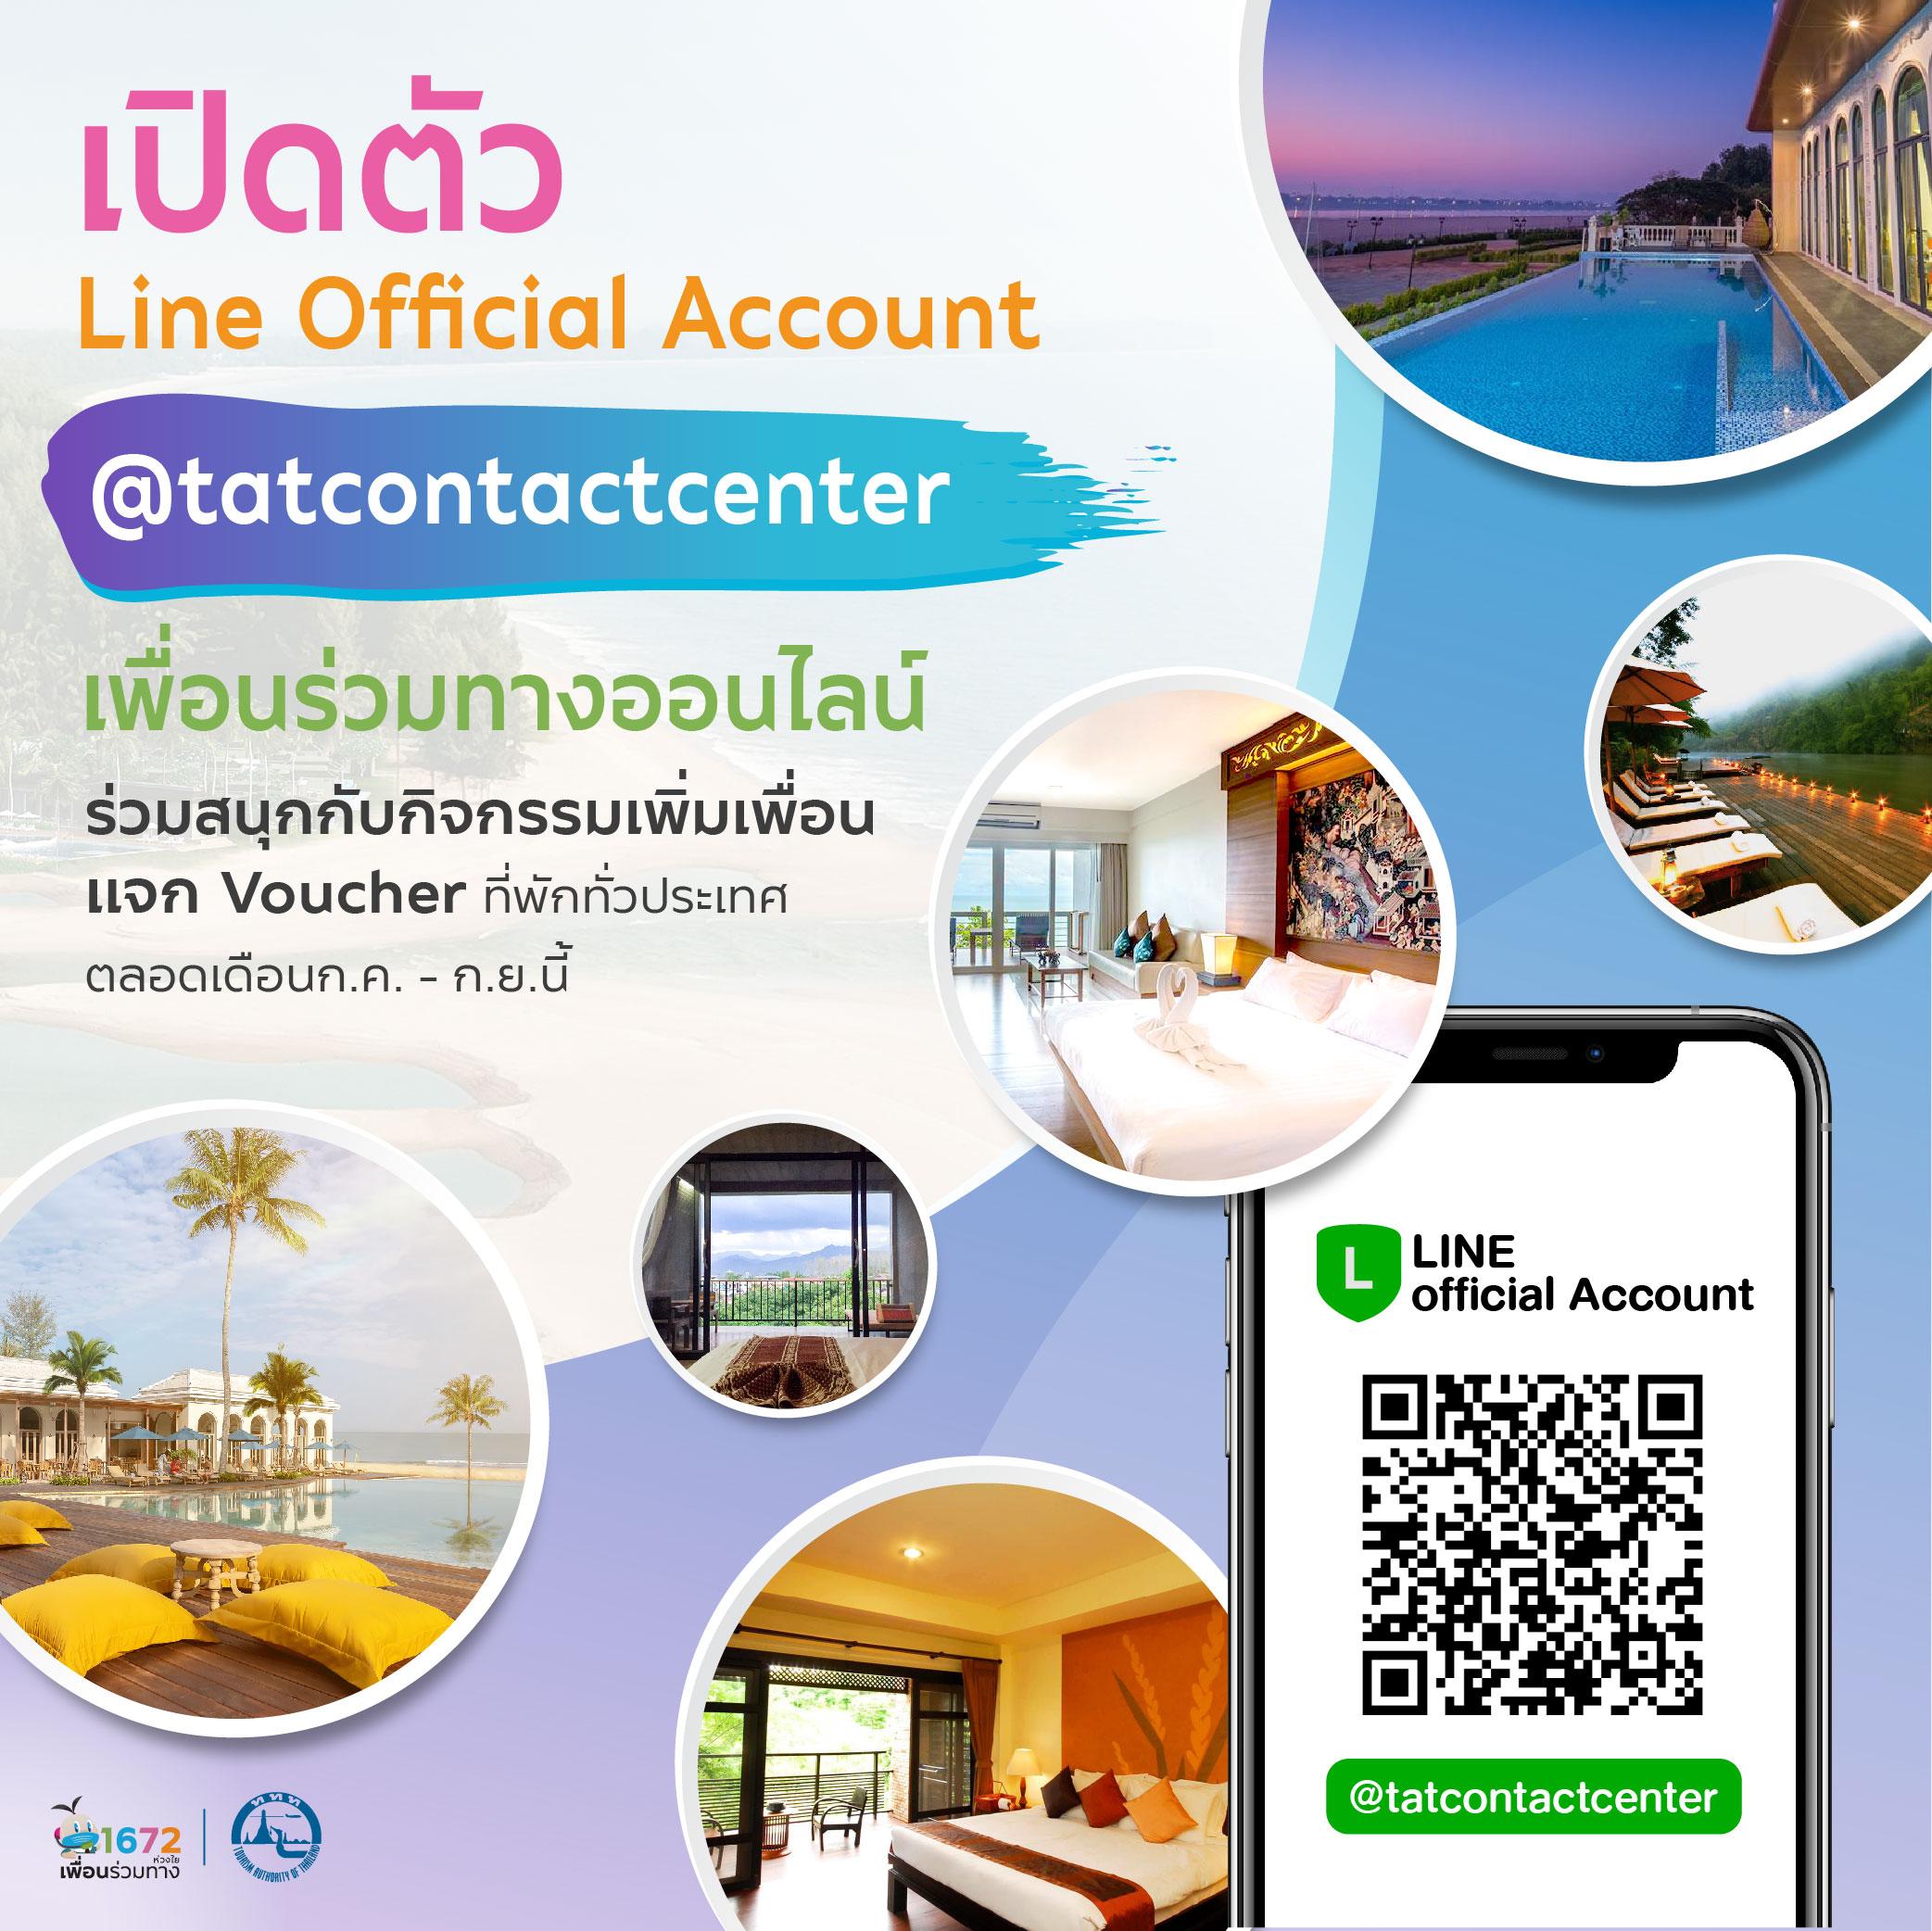 ร่วมสนุกกับ Line Official Account @tatcontactcenter เพื่อนร่วมทางออนไลน์